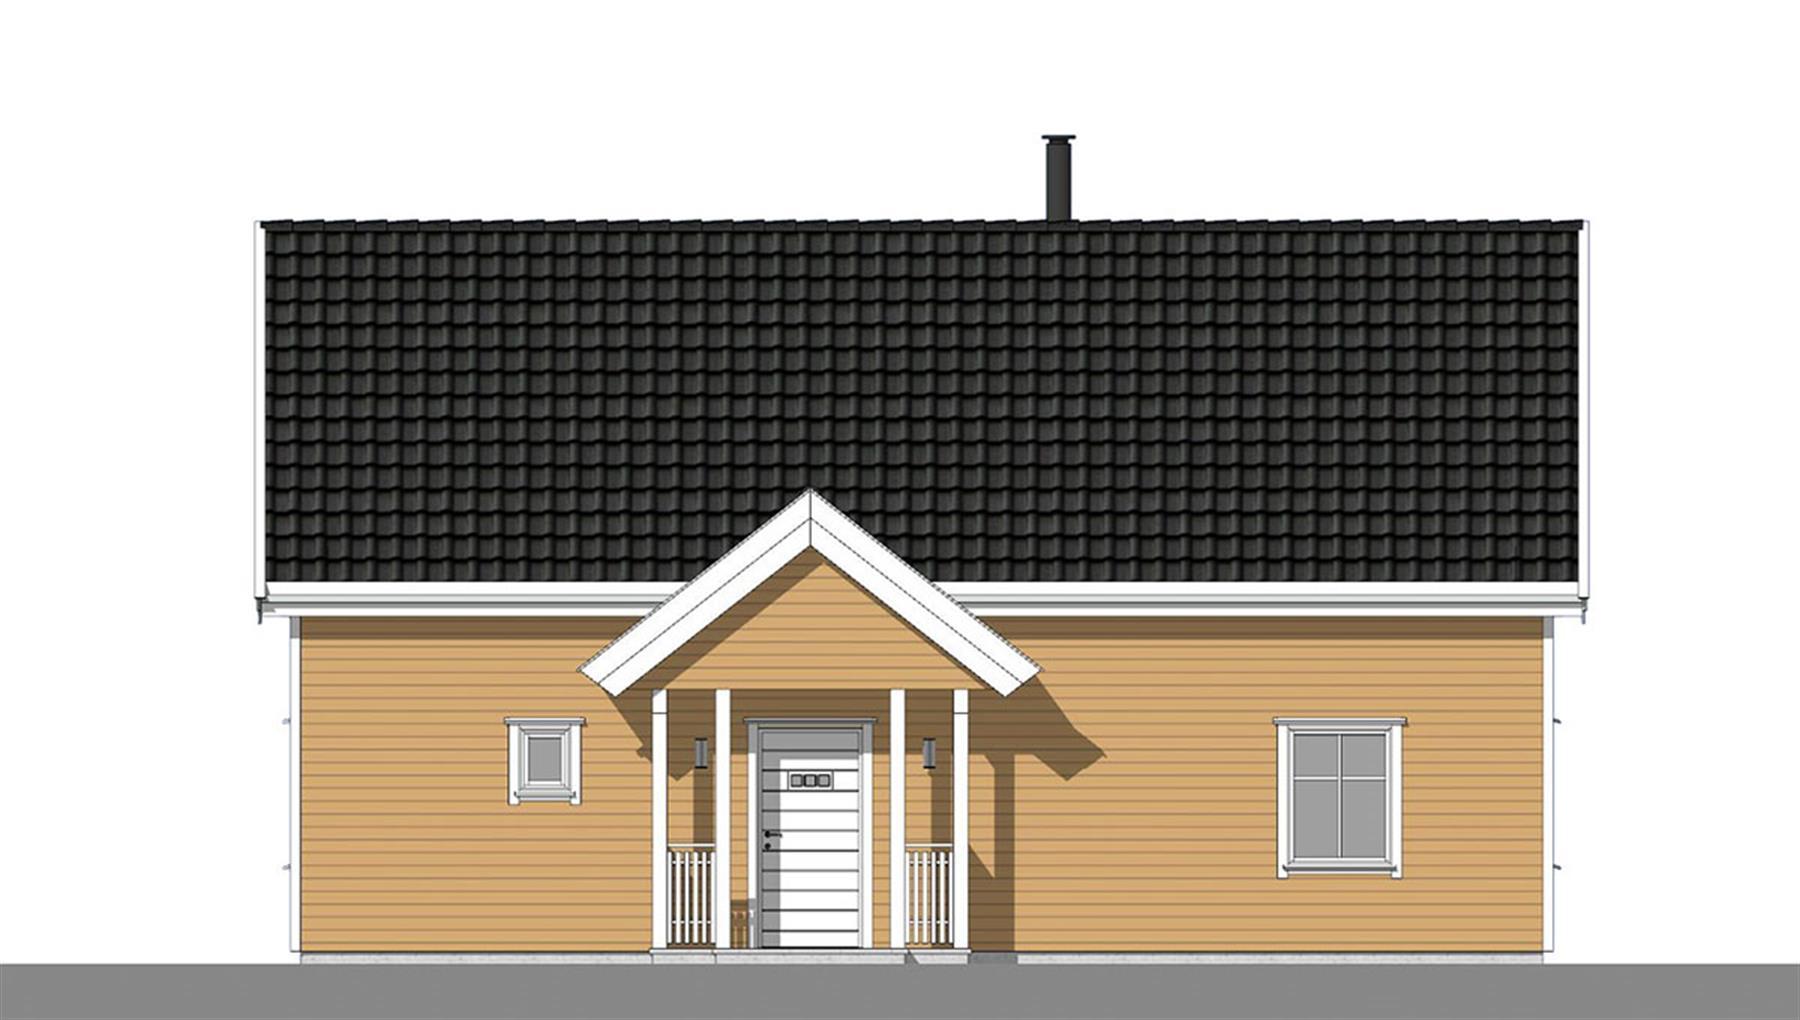 Havsule fasade 1